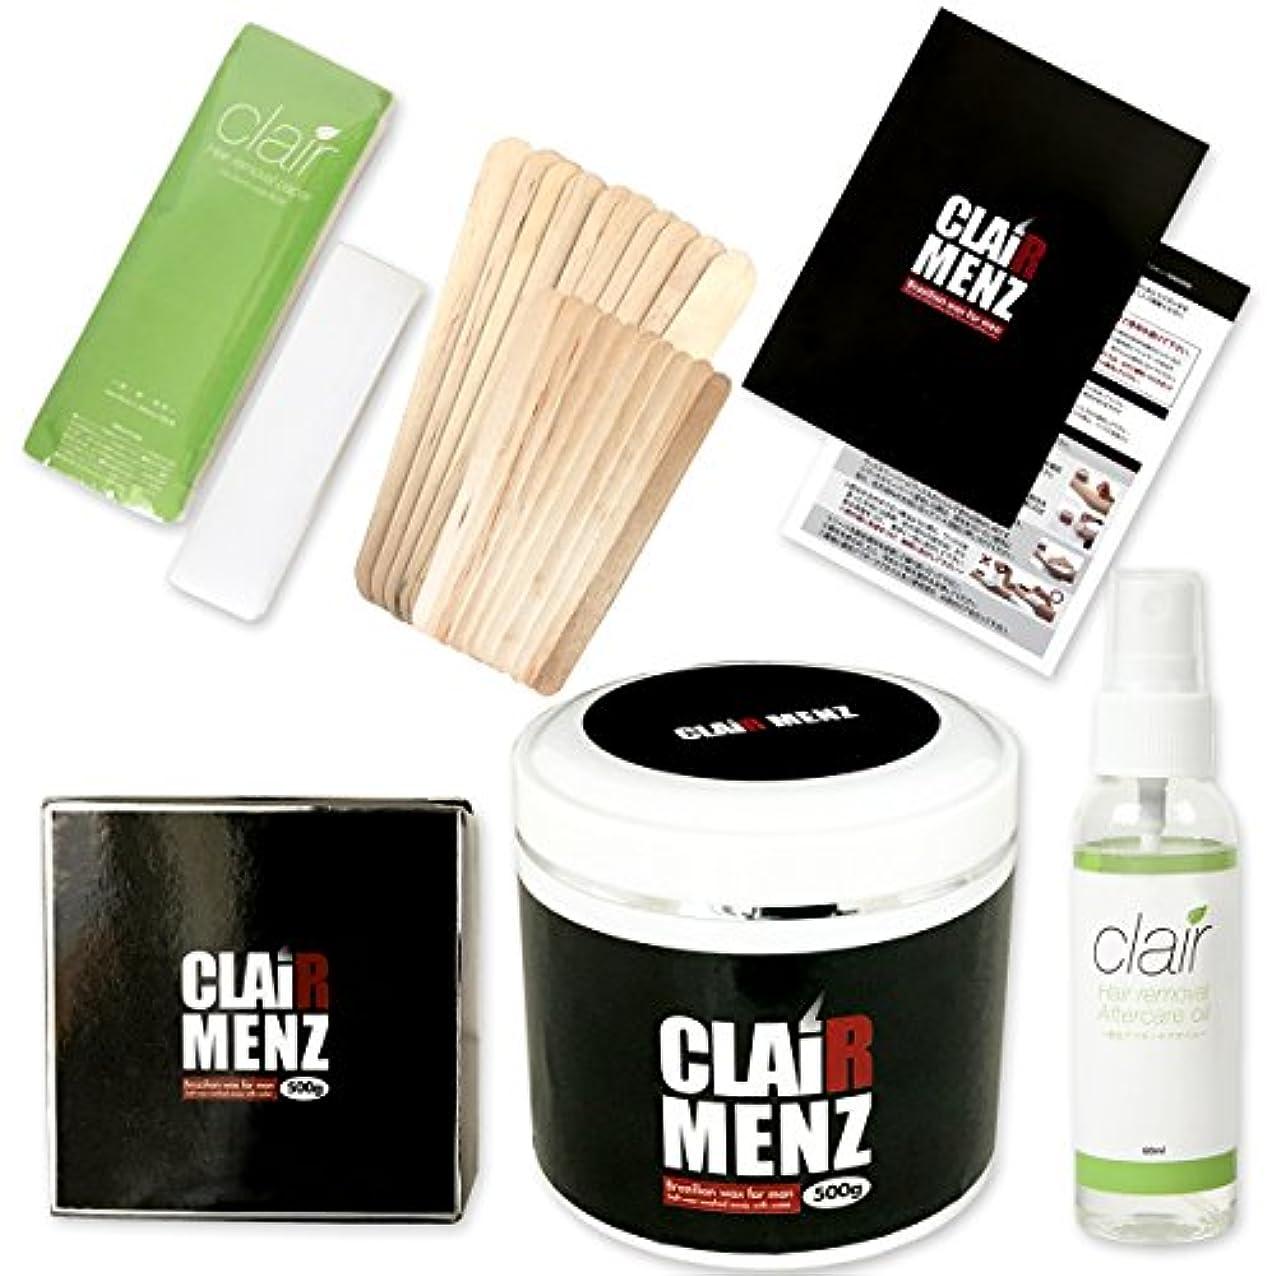 任意シルク美容師clair Menz wax ブラジリアンワックス スターターキット 【取扱説明書付】